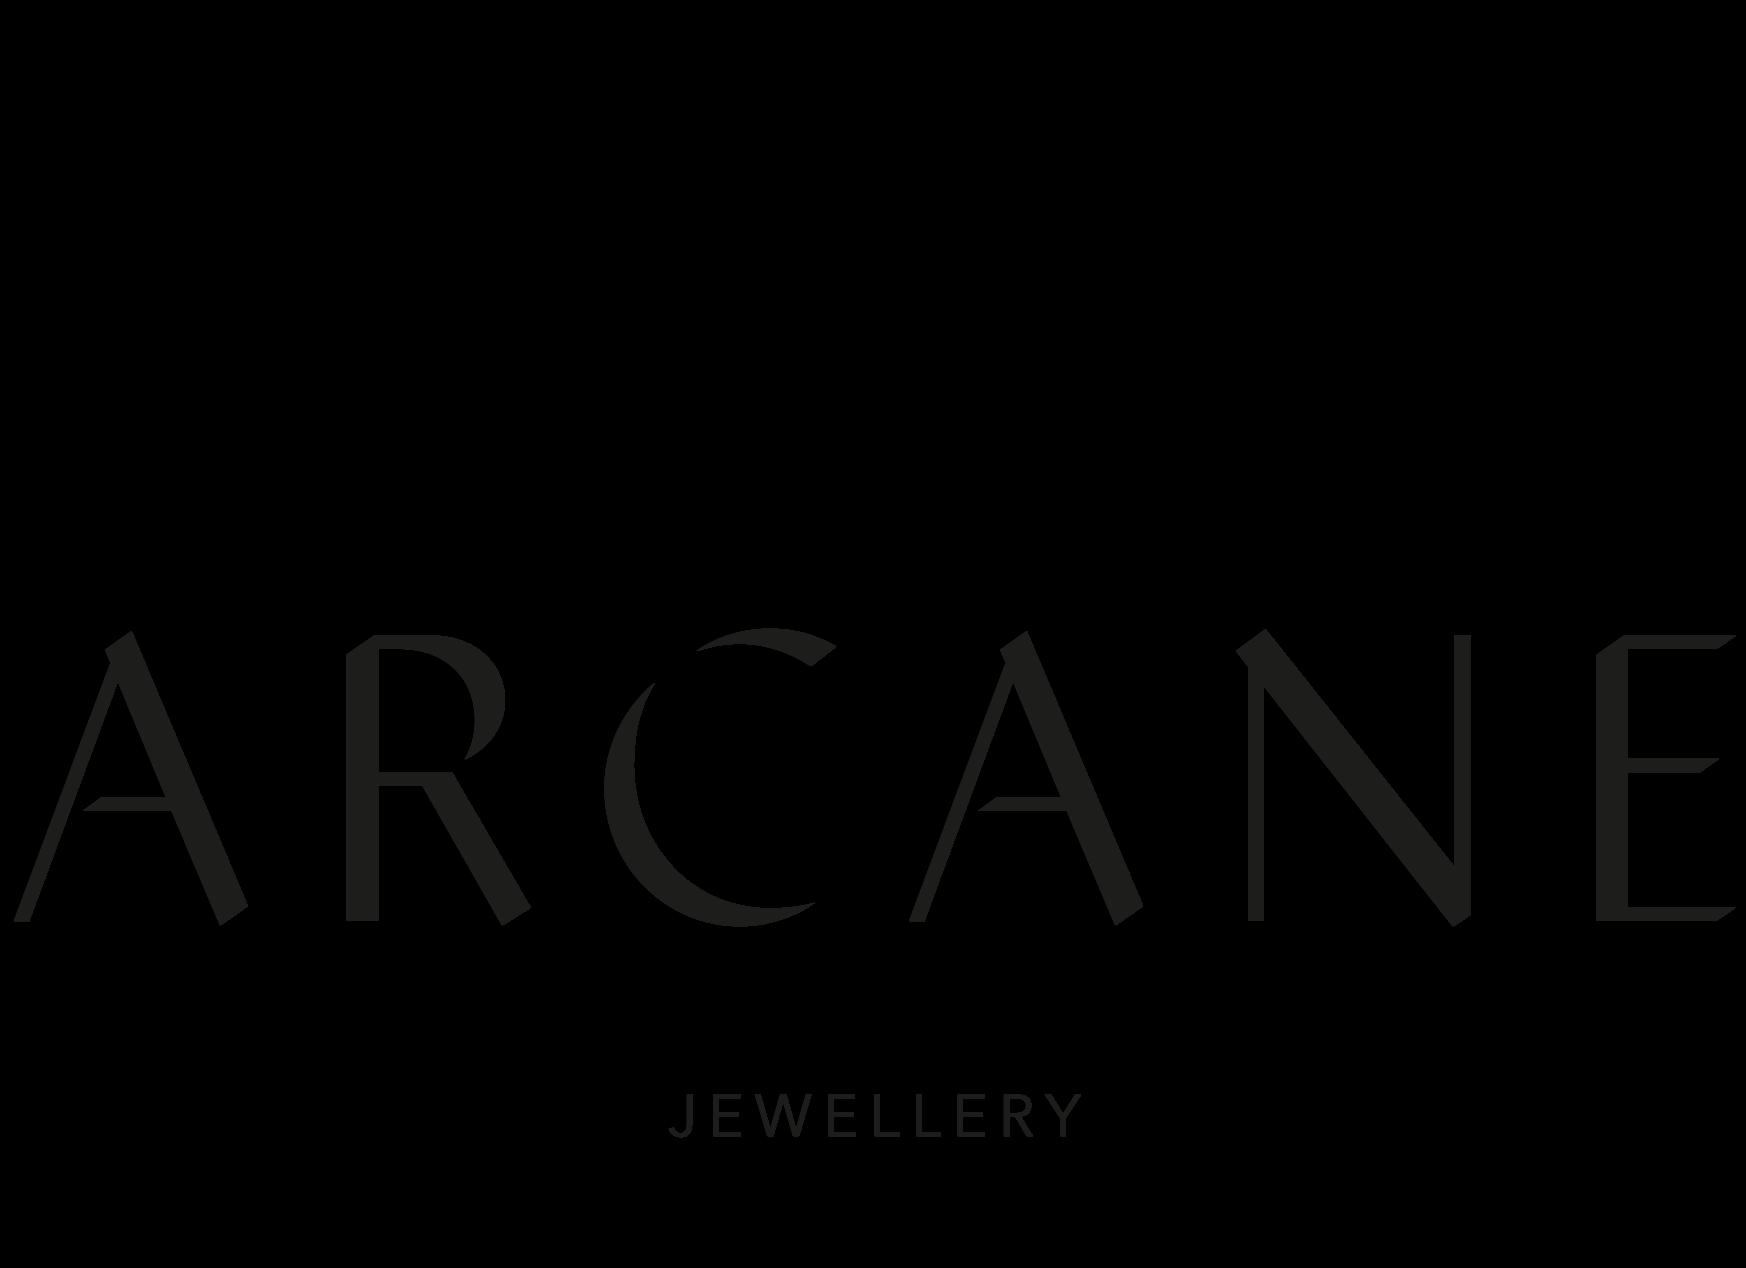 ARCANE Jewellery